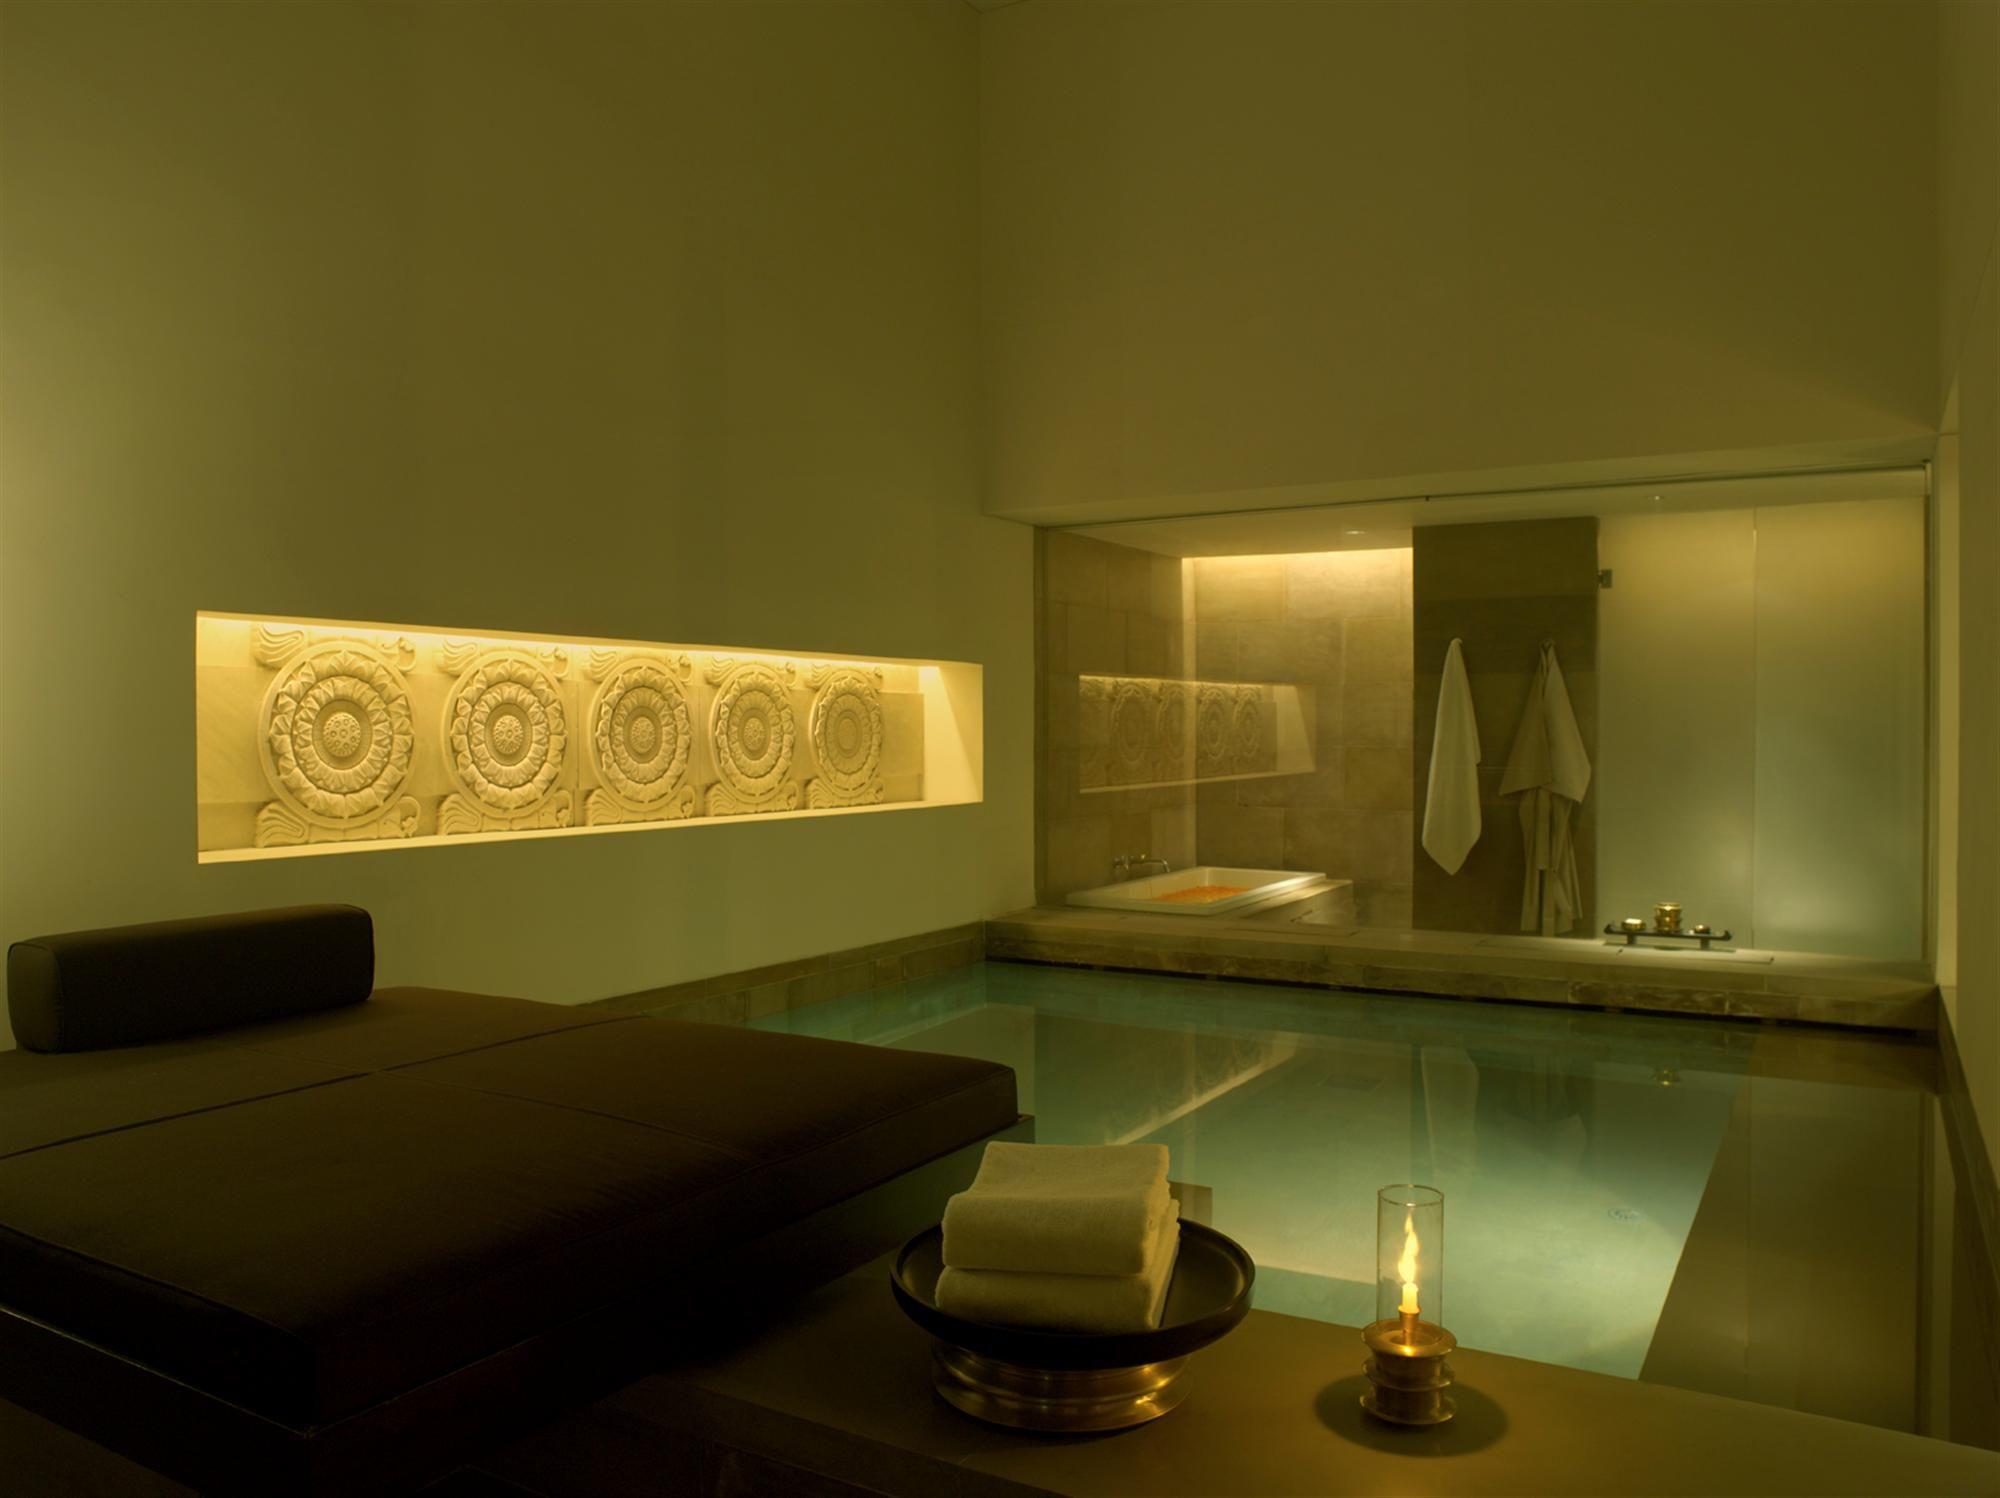 Aman resort new delhi